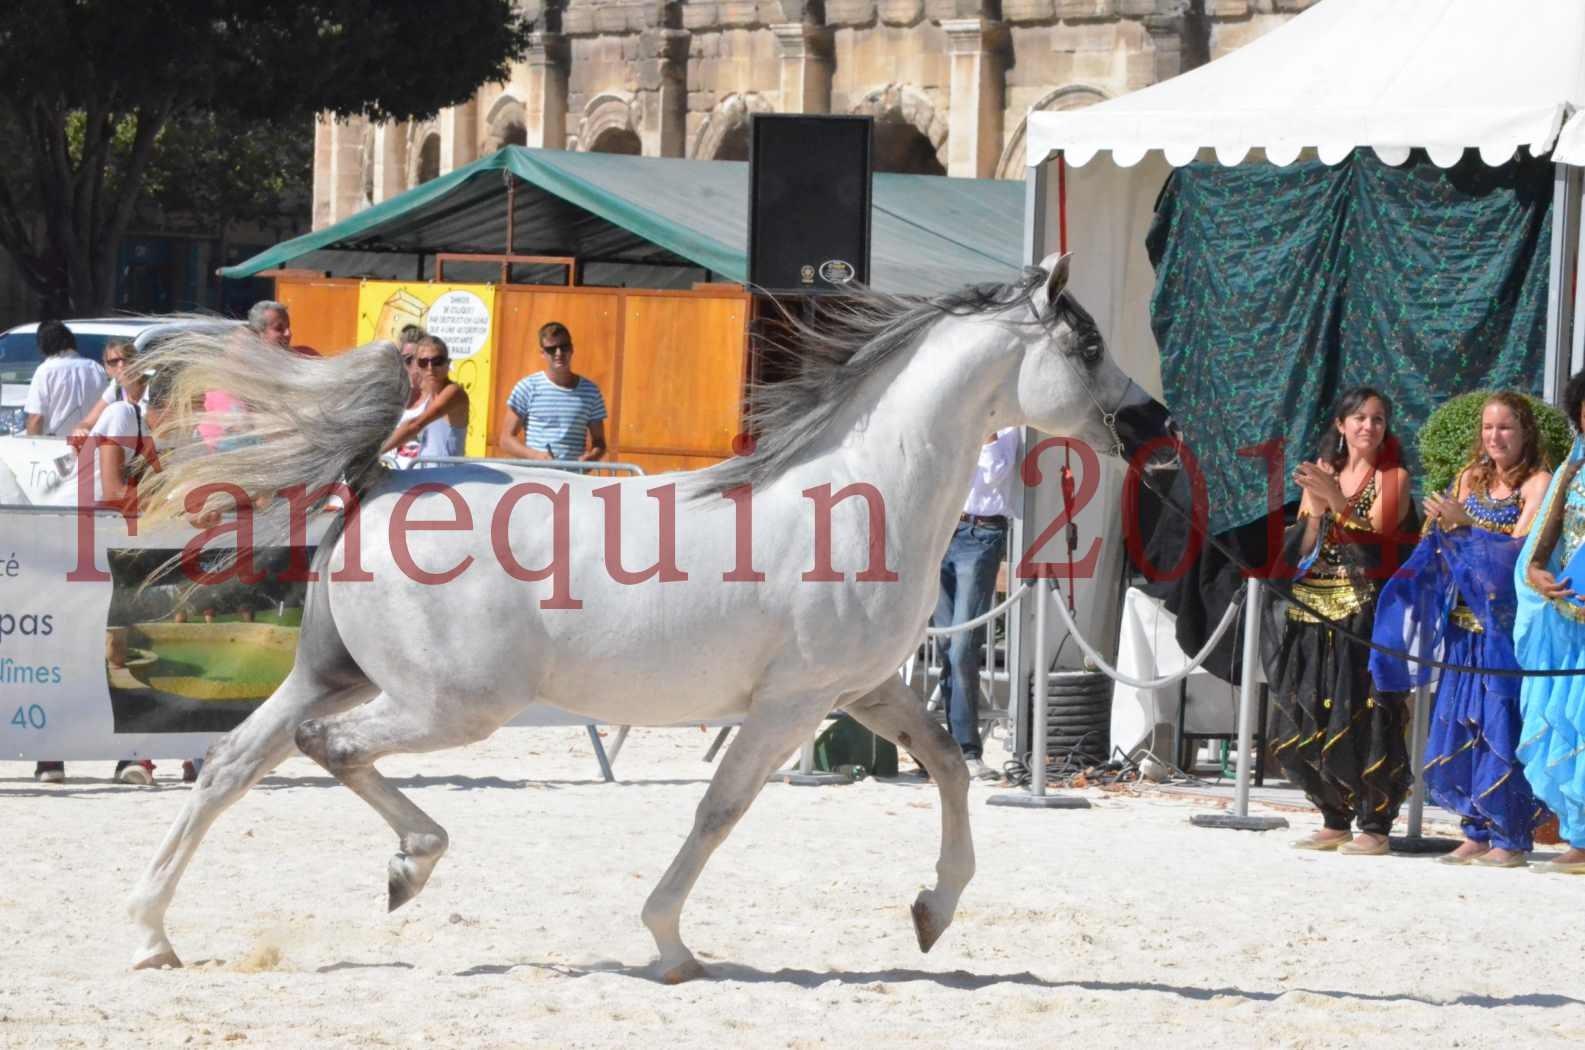 Concours National de Nîmes de chevaux ARABES 2014 - Sélection - SHAOLIN DE NEDJAIA - 22